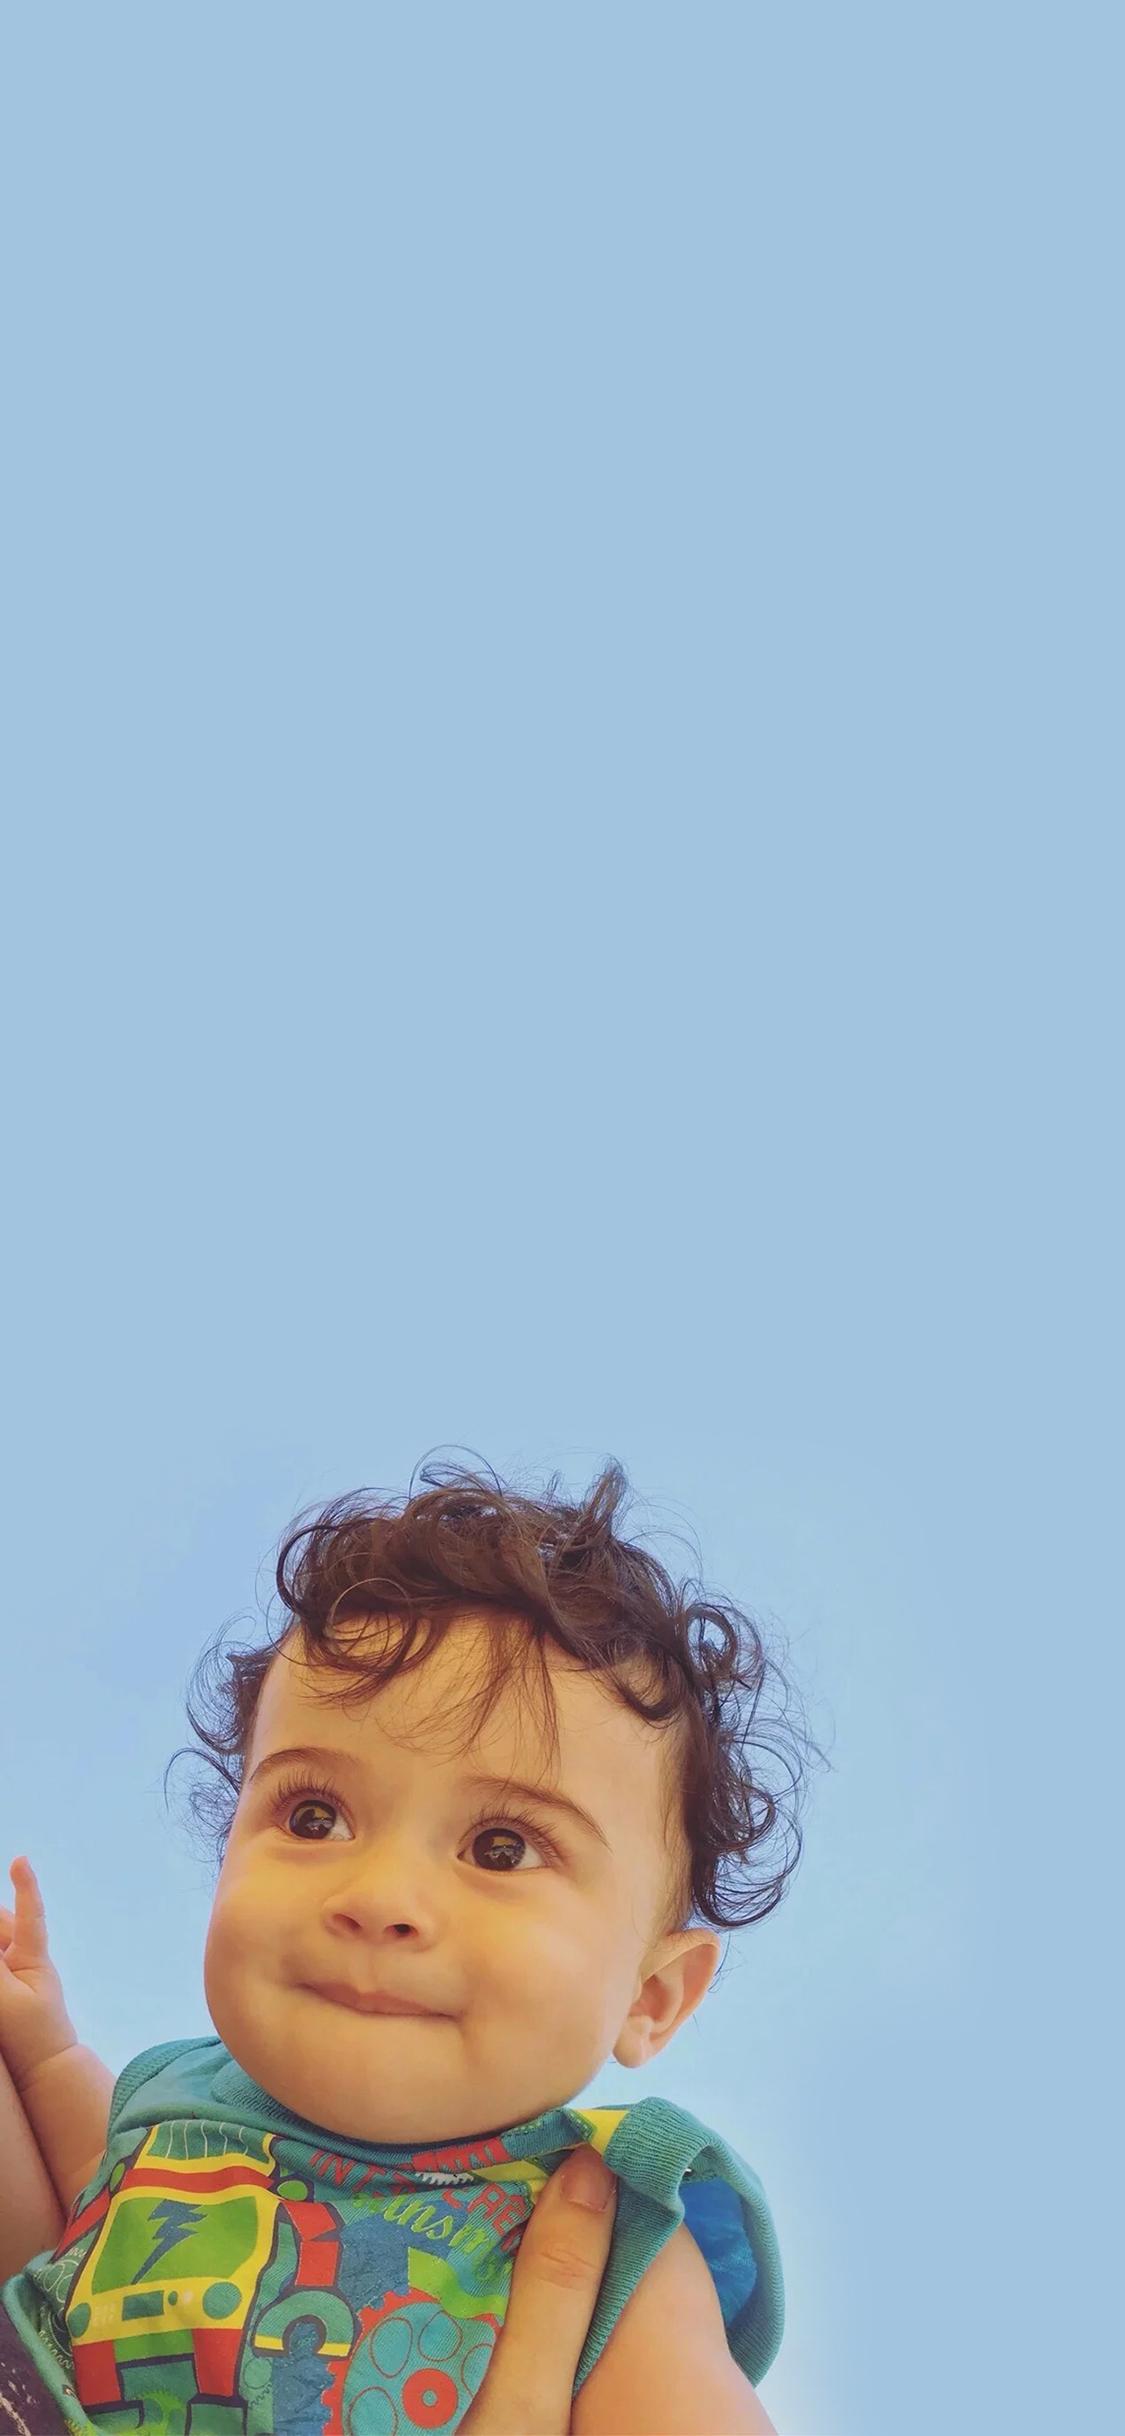 小卷毛 欧美 萌宝 可爱 小孩 儿童 大眼睛 宝宝